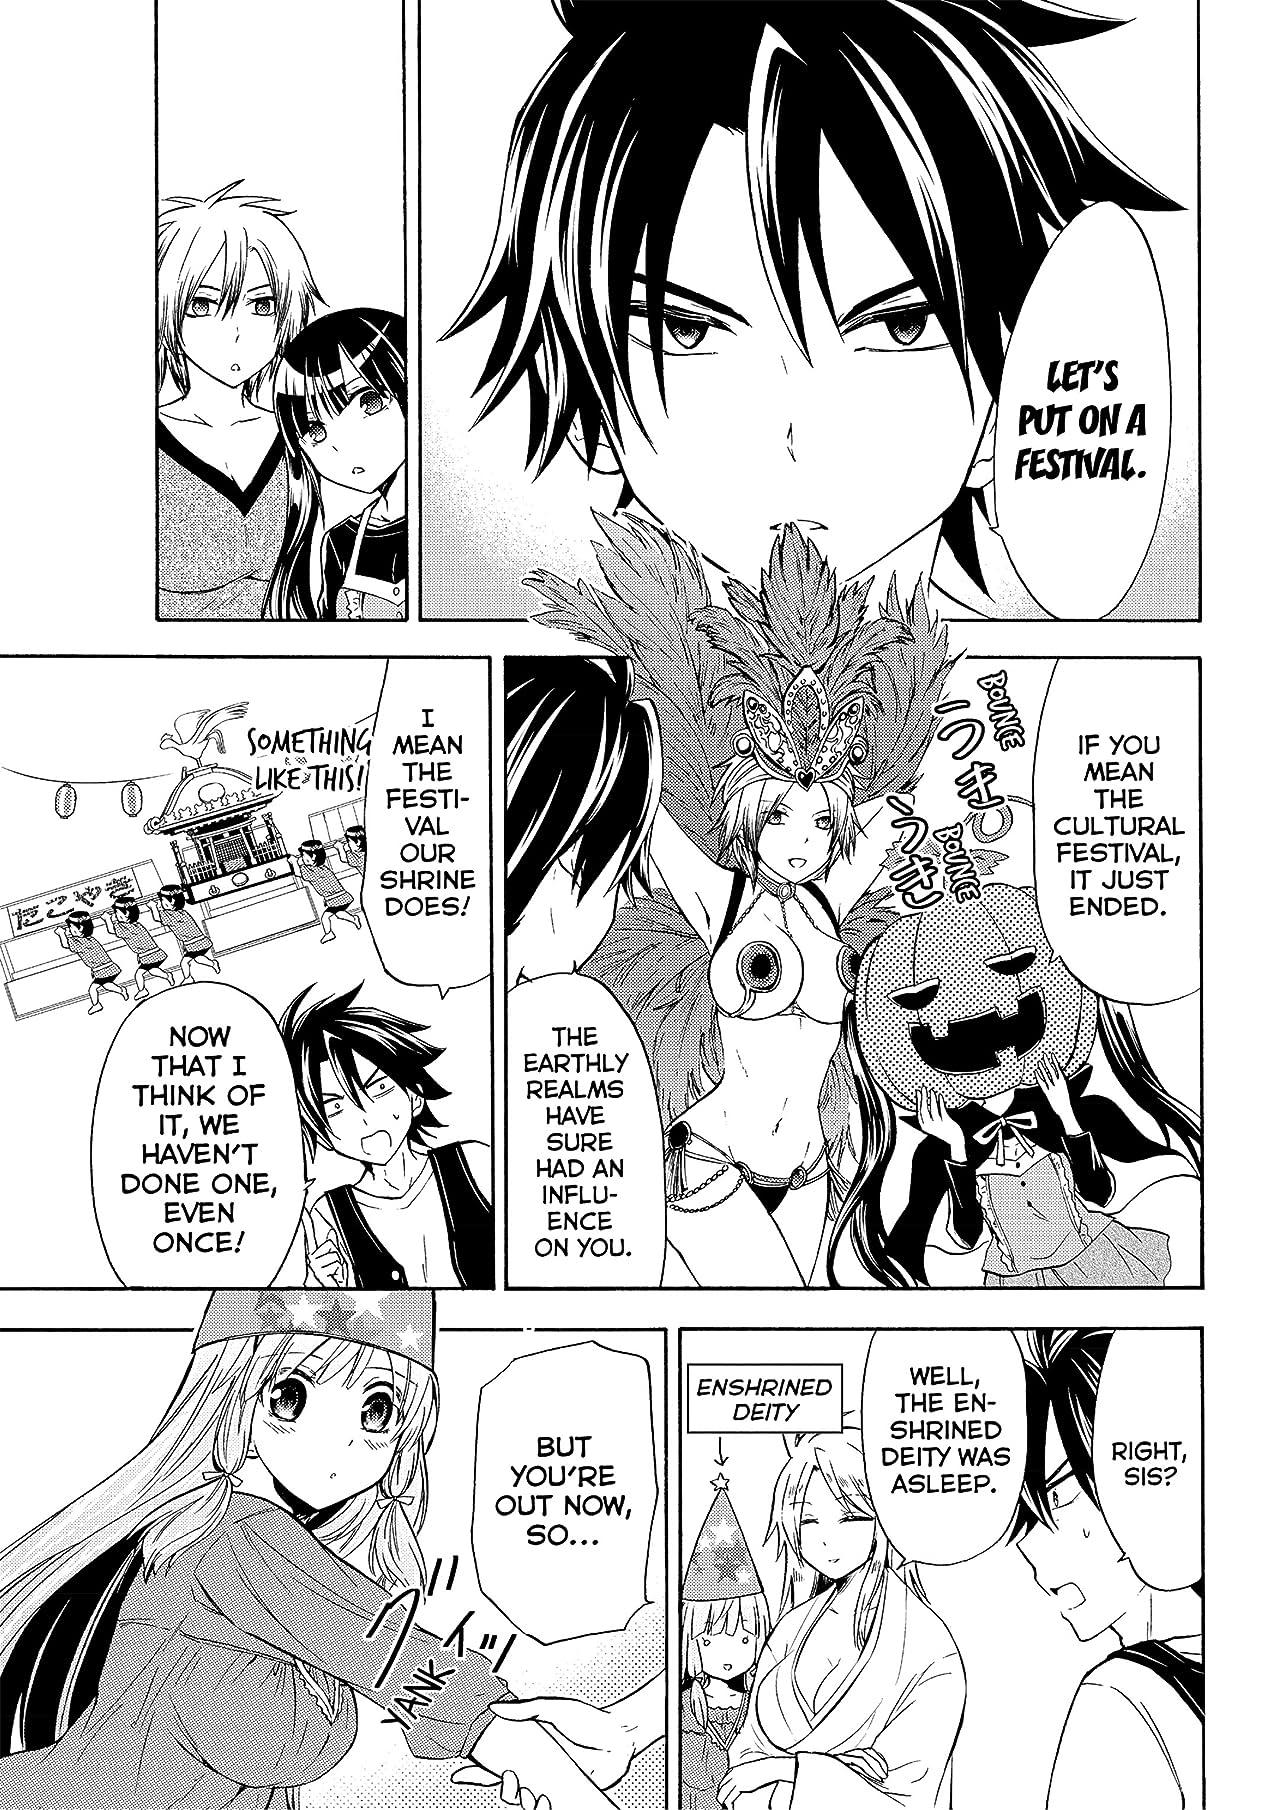 Maga-Tsuki #58